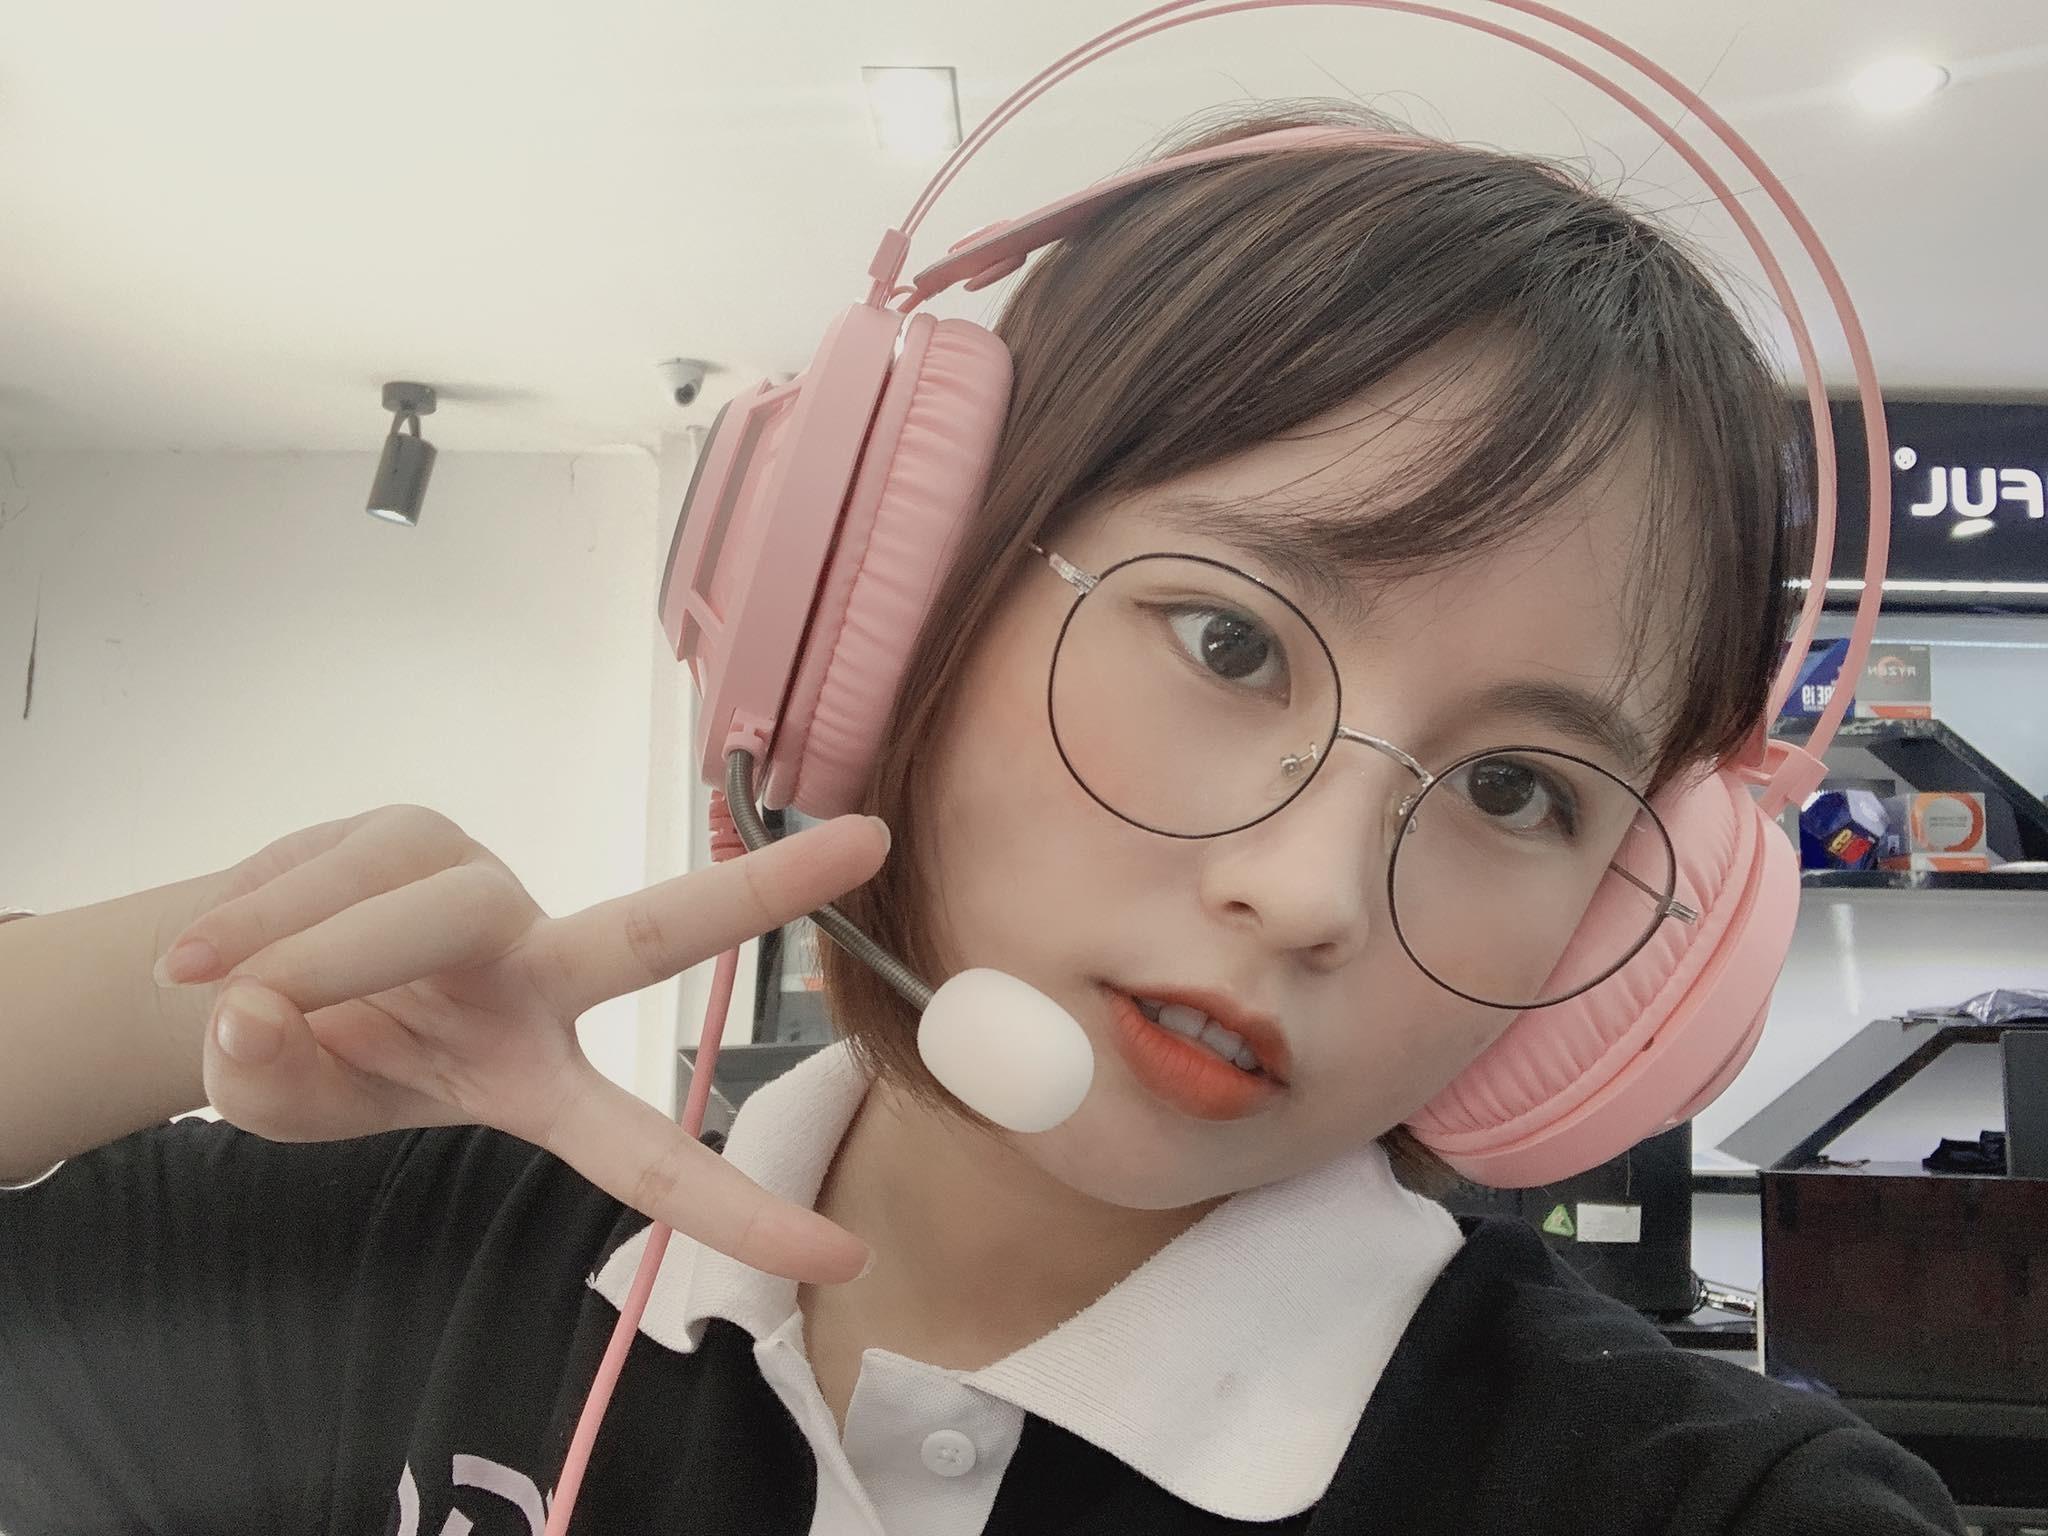 tai-nghe-dareu-eh469-mirror-queen-pink-71-rgb-3.jpg